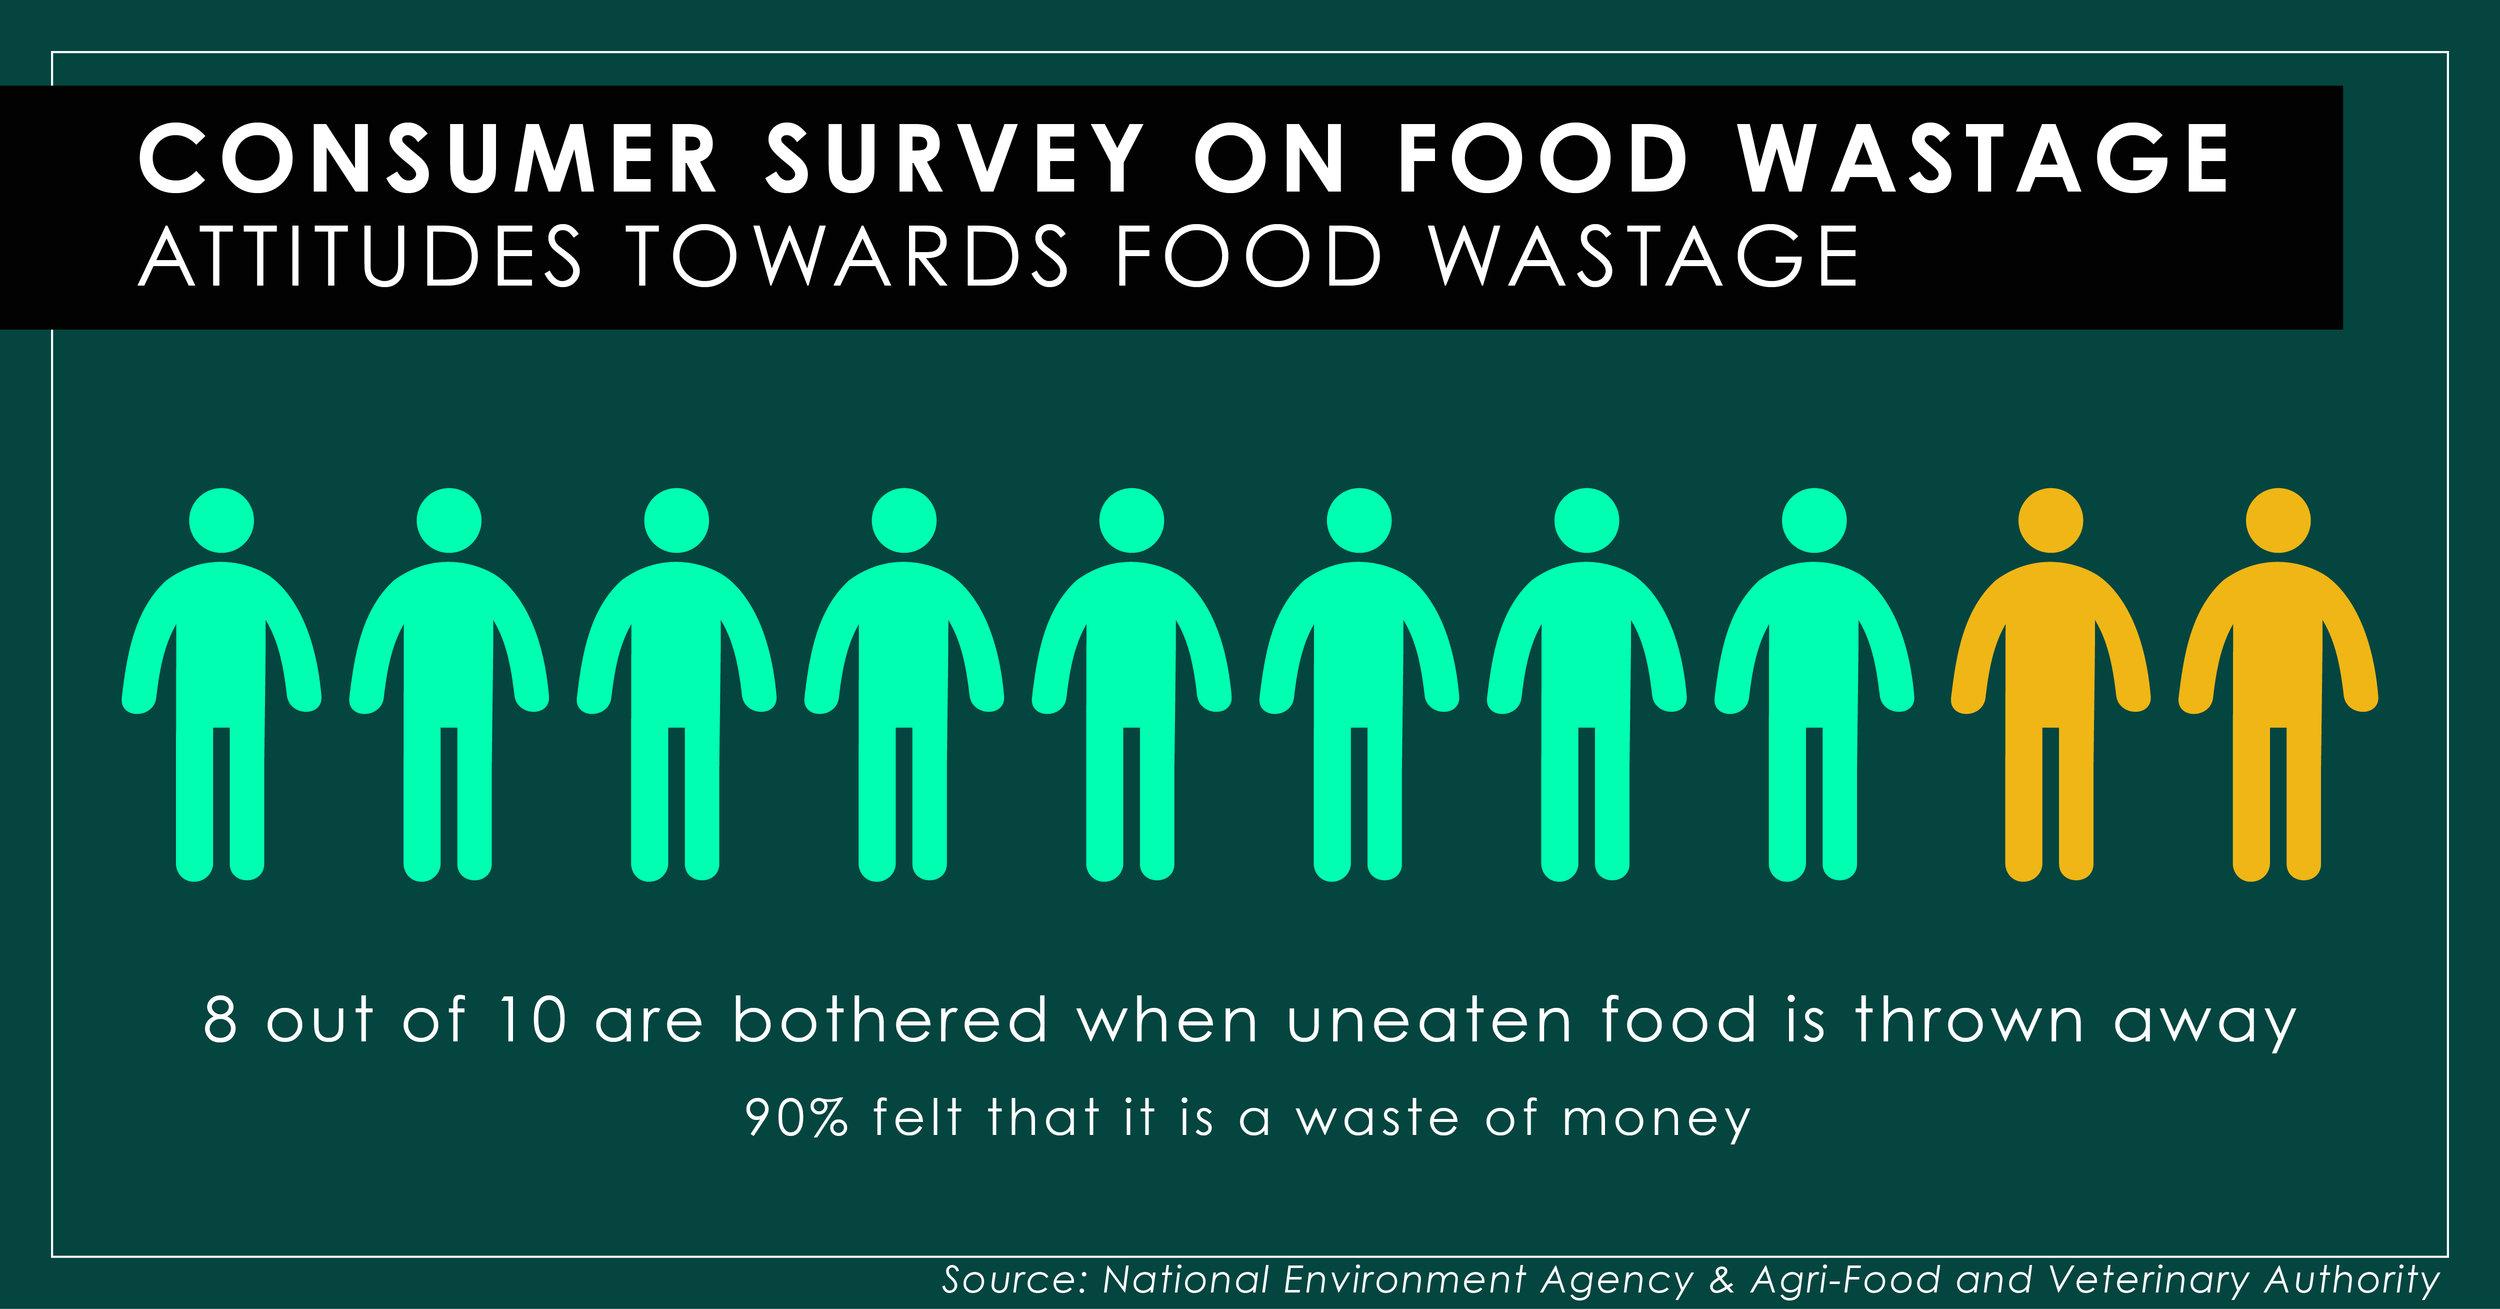 ATTITUDES TOWARDS FOOD WASTAGE-01.jpg